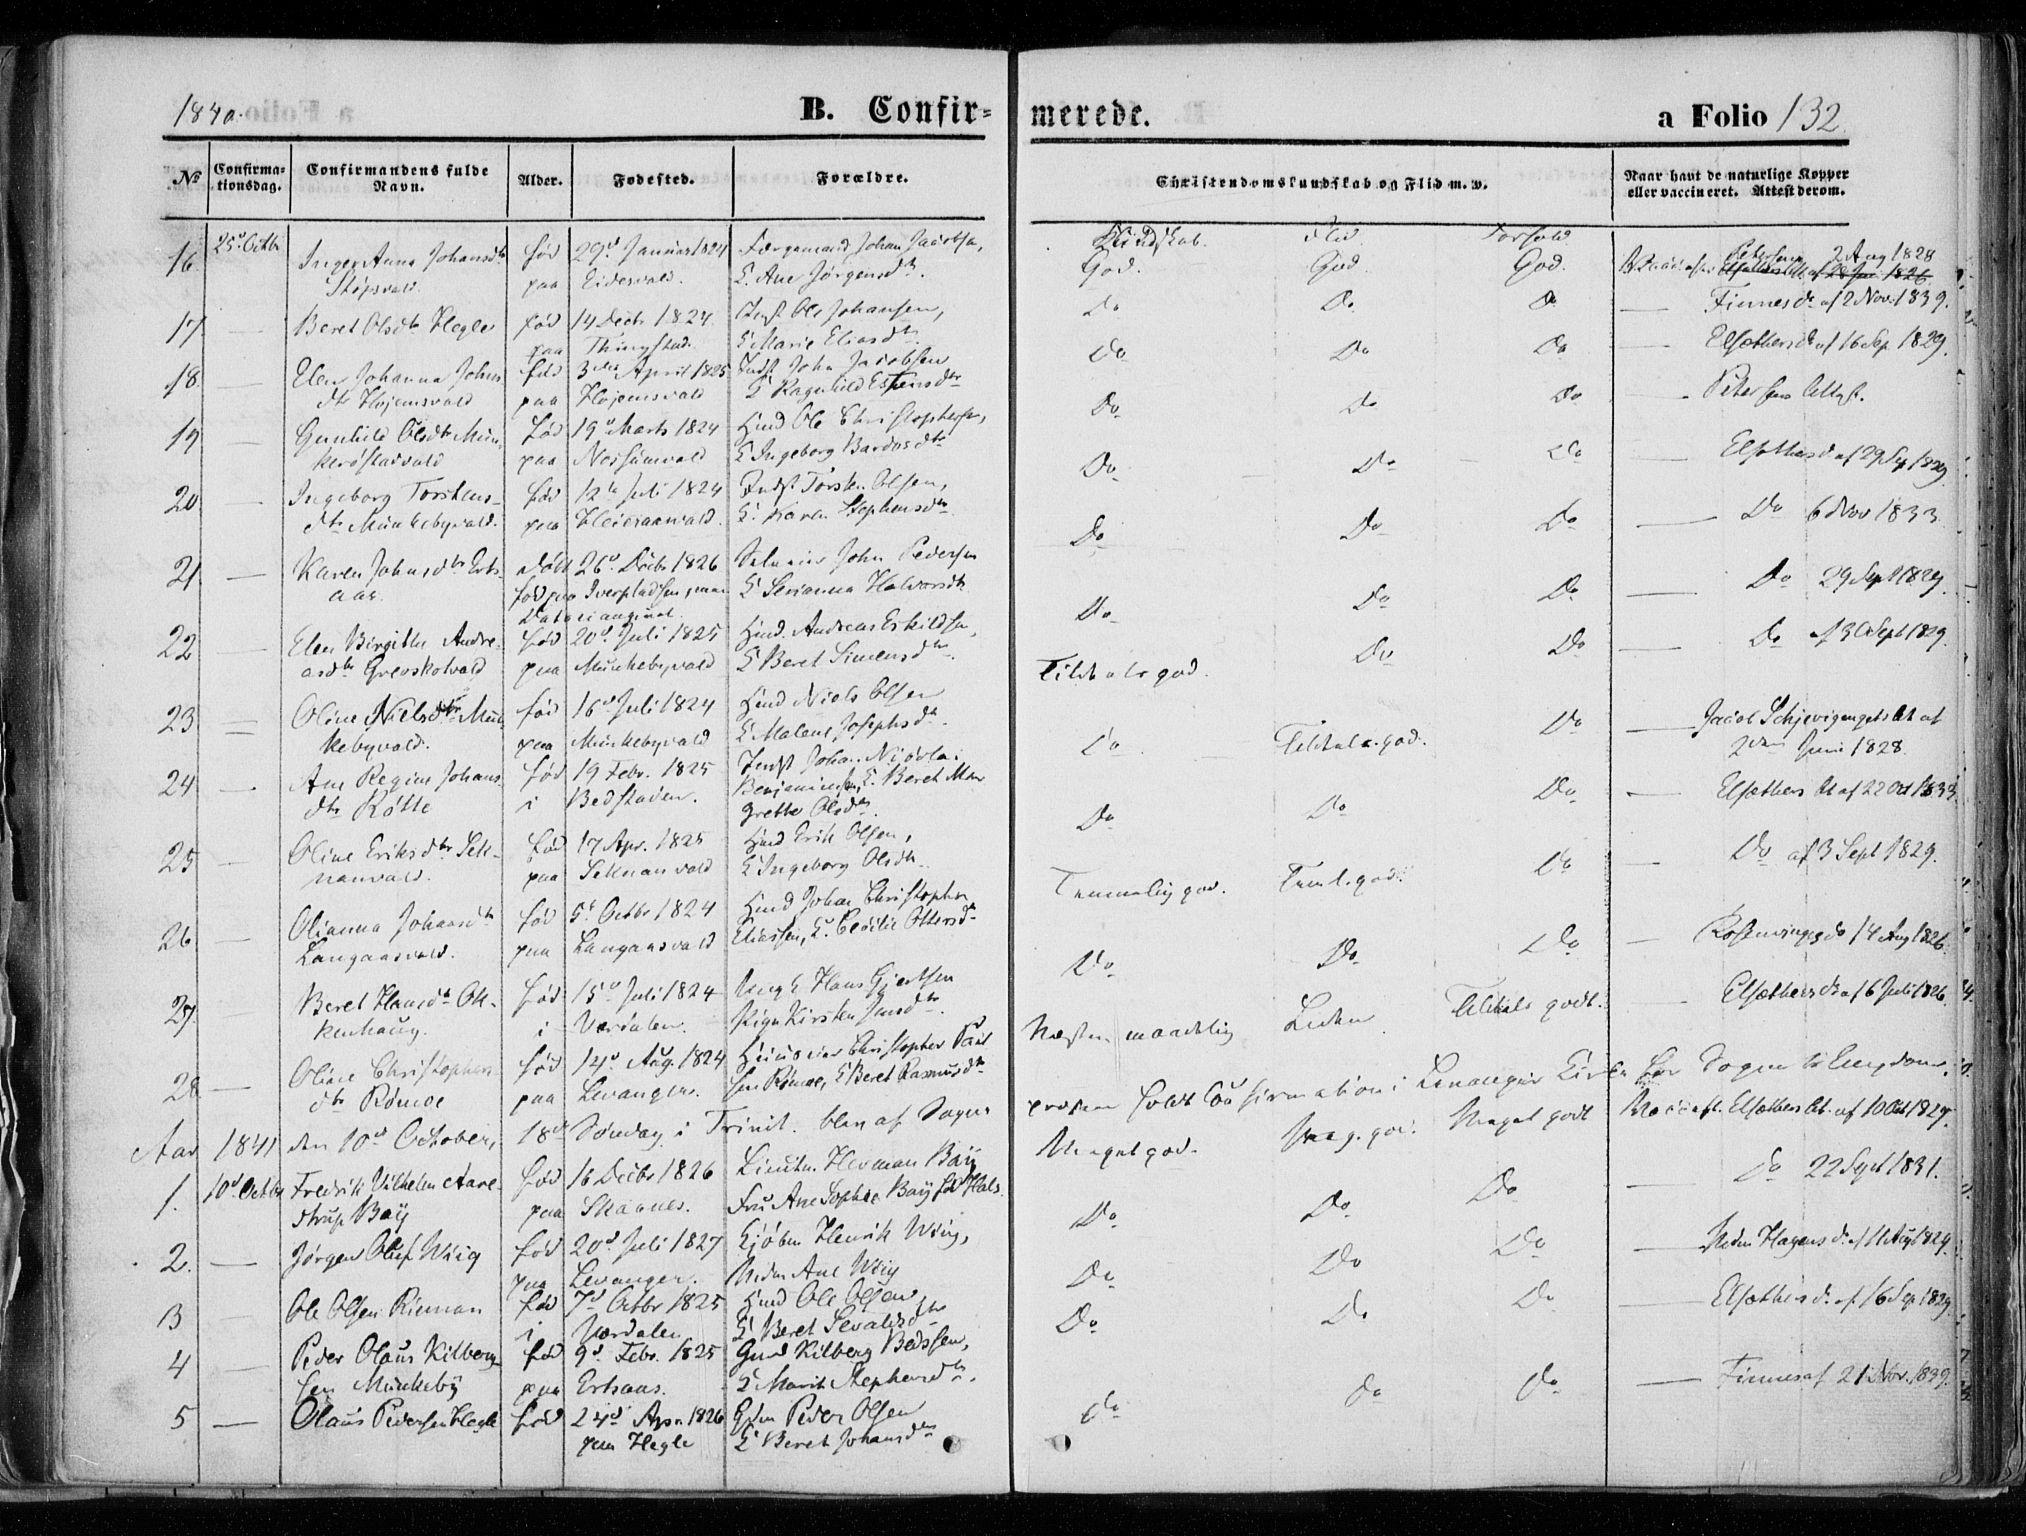 SAT, Ministerialprotokoller, klokkerbøker og fødselsregistre - Nord-Trøndelag, 720/L0183: Ministerialbok nr. 720A01, 1836-1855, s. 132